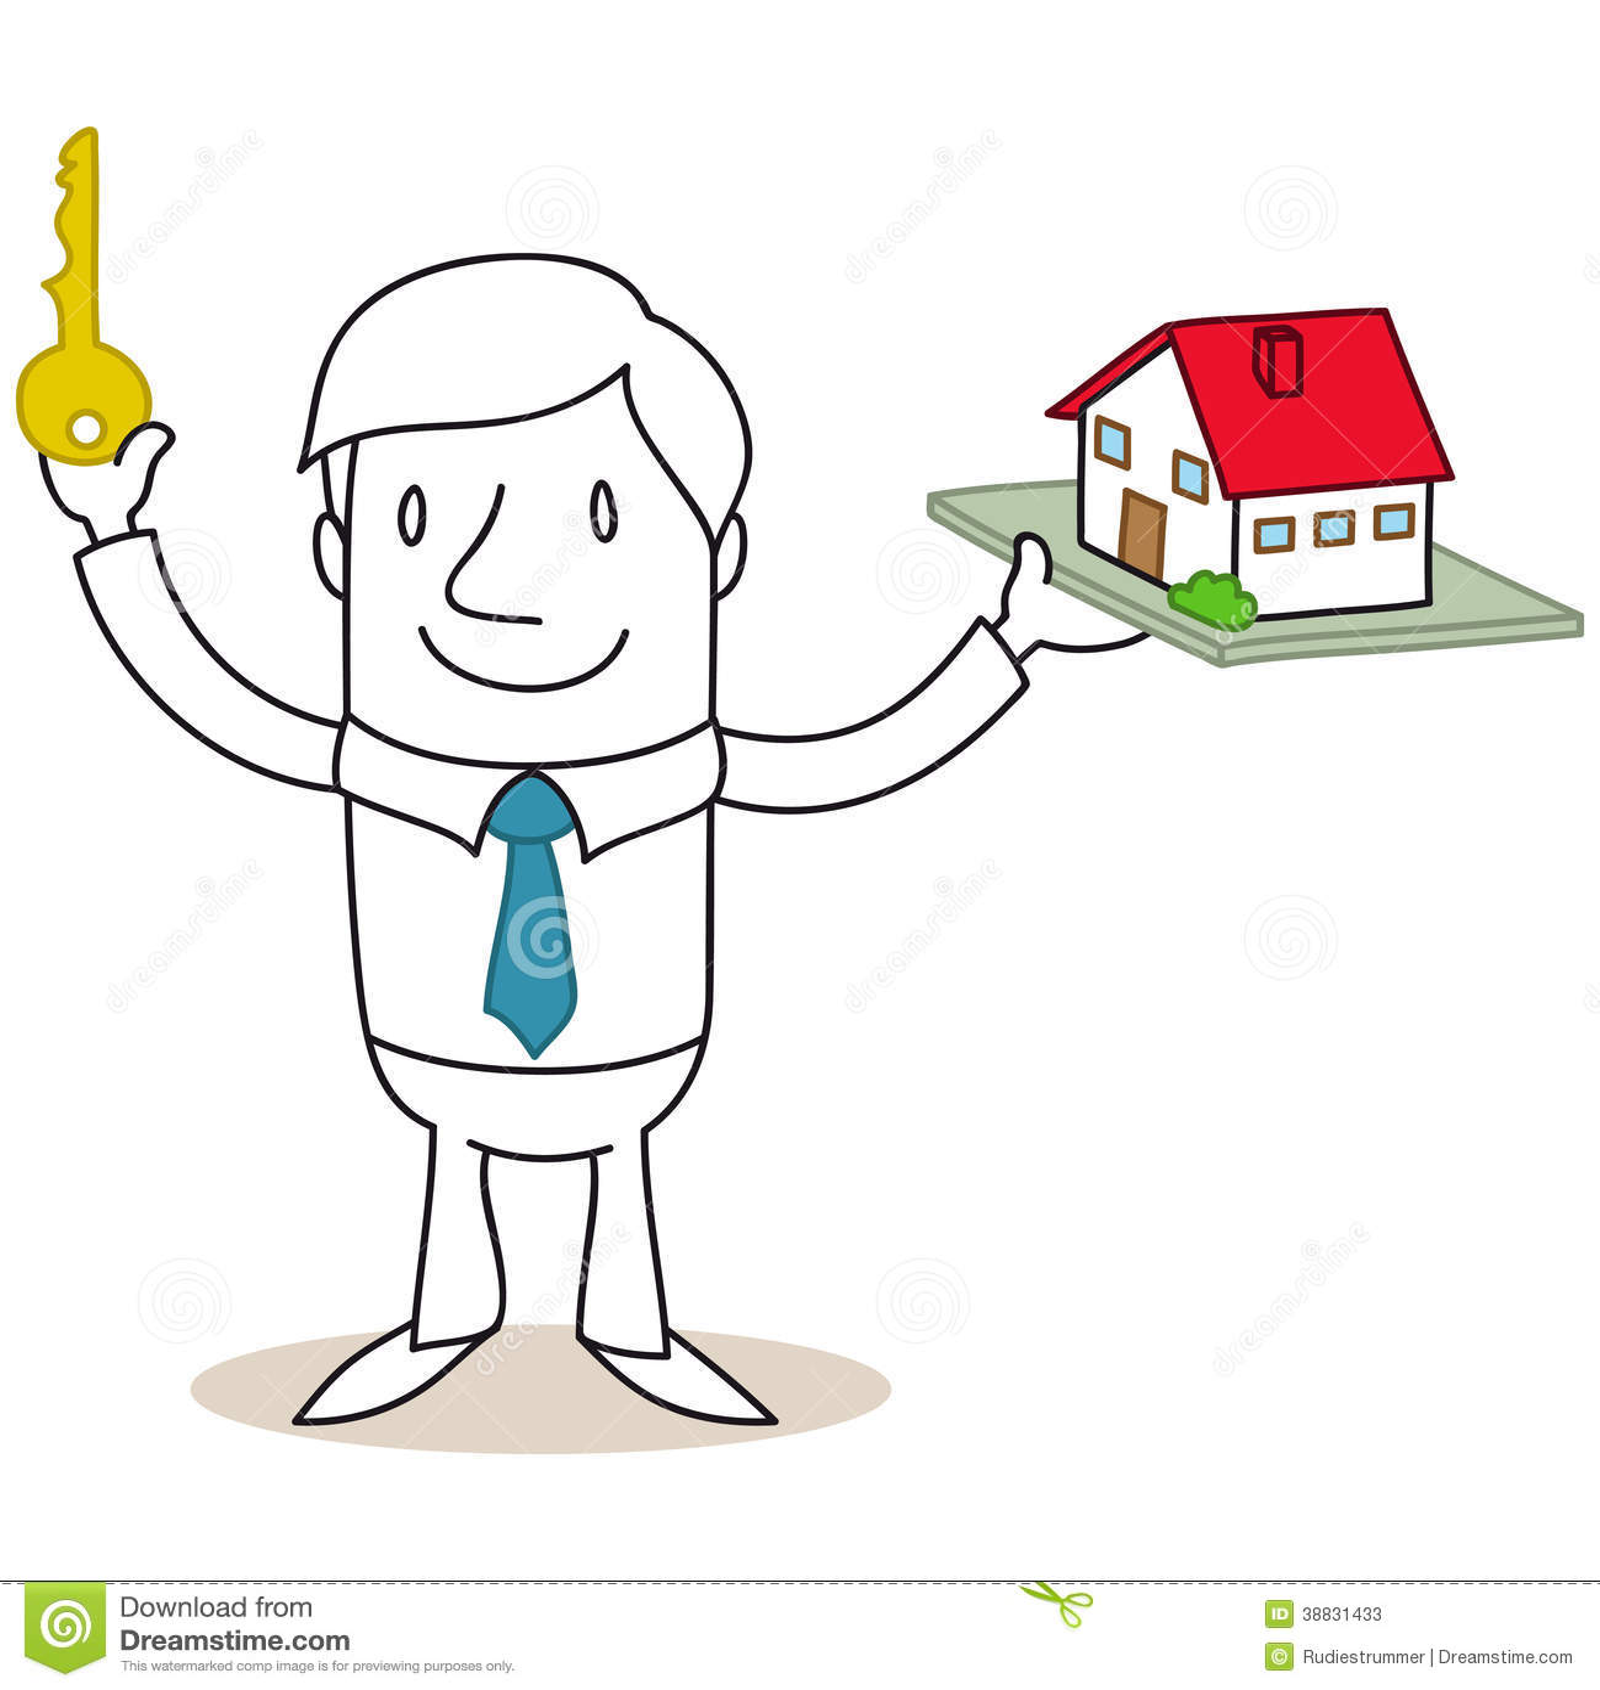 Vintage Key Clip Art Agent Immobilier Tenan...